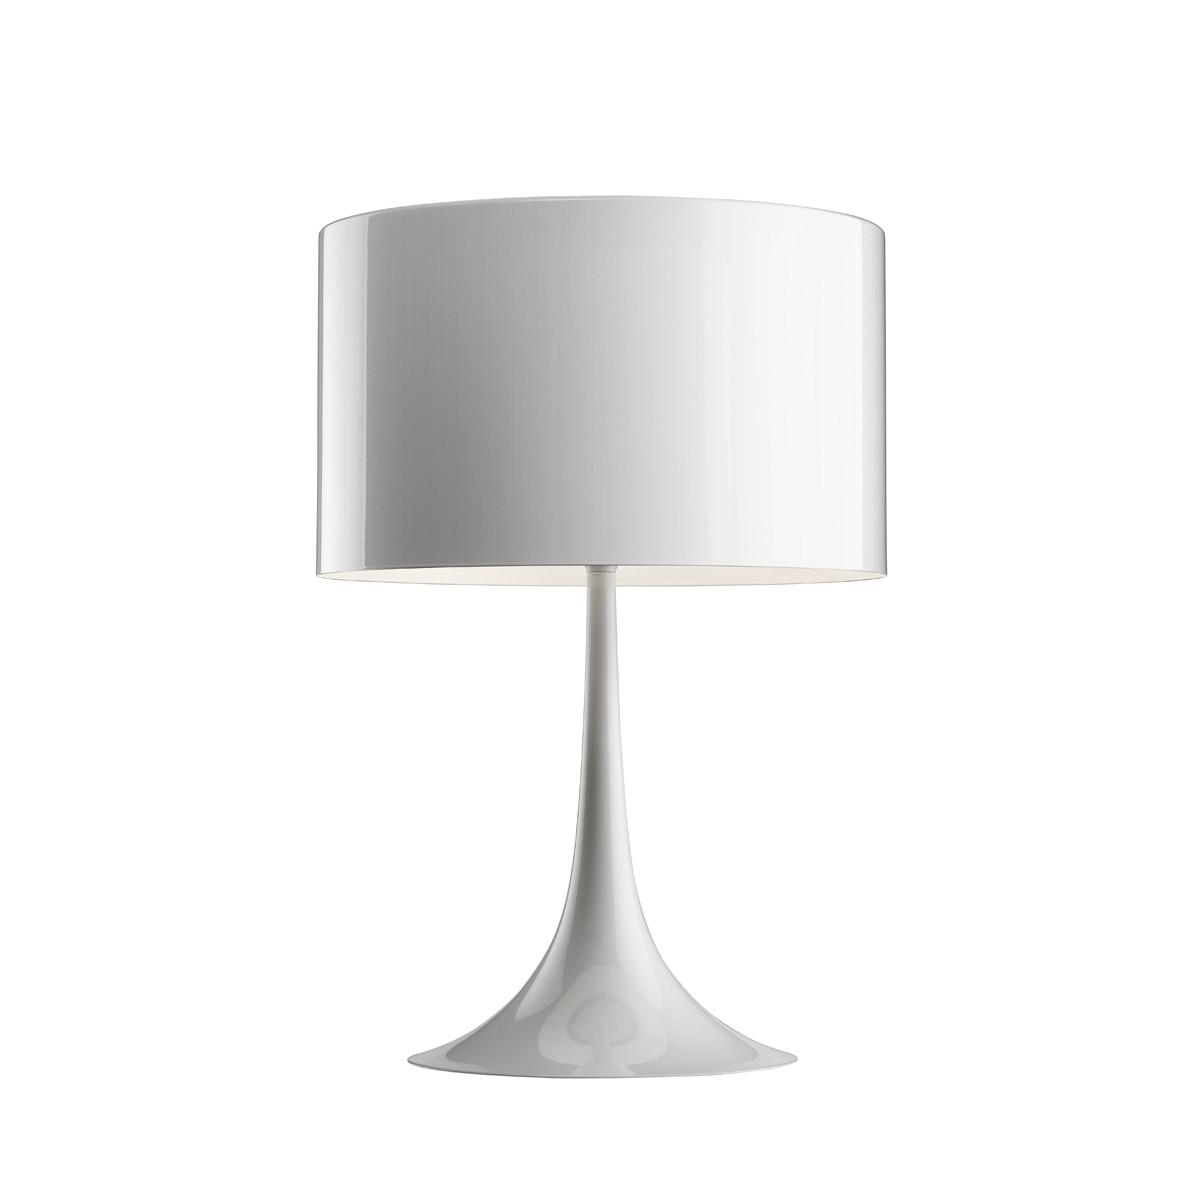 Flos Spun Light T Tischleuchte, T1, Höhe: 57,5 cm, weiß glänzend